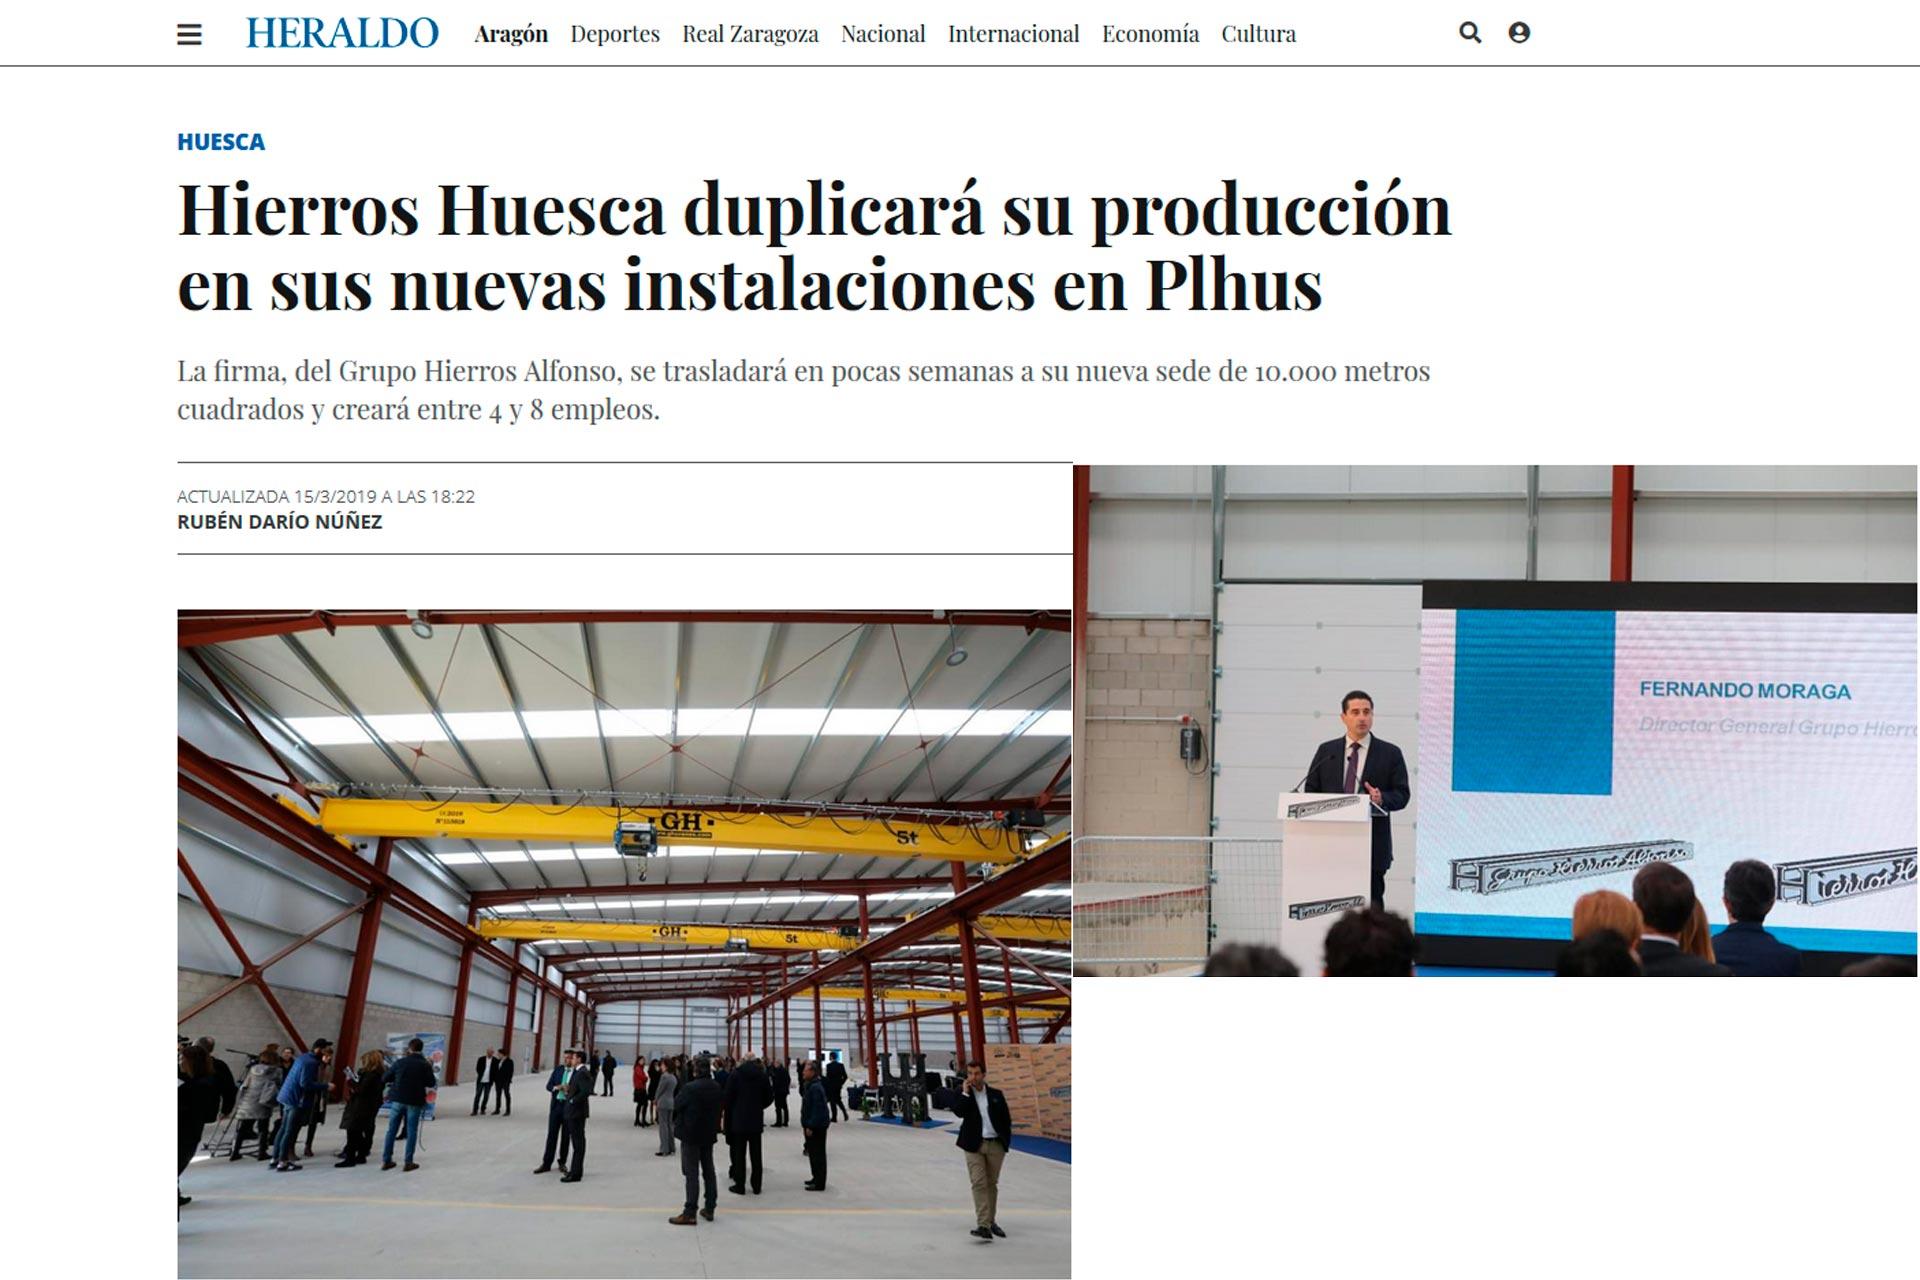 Fernando Moraga Heraldo.es Hierros Huesca